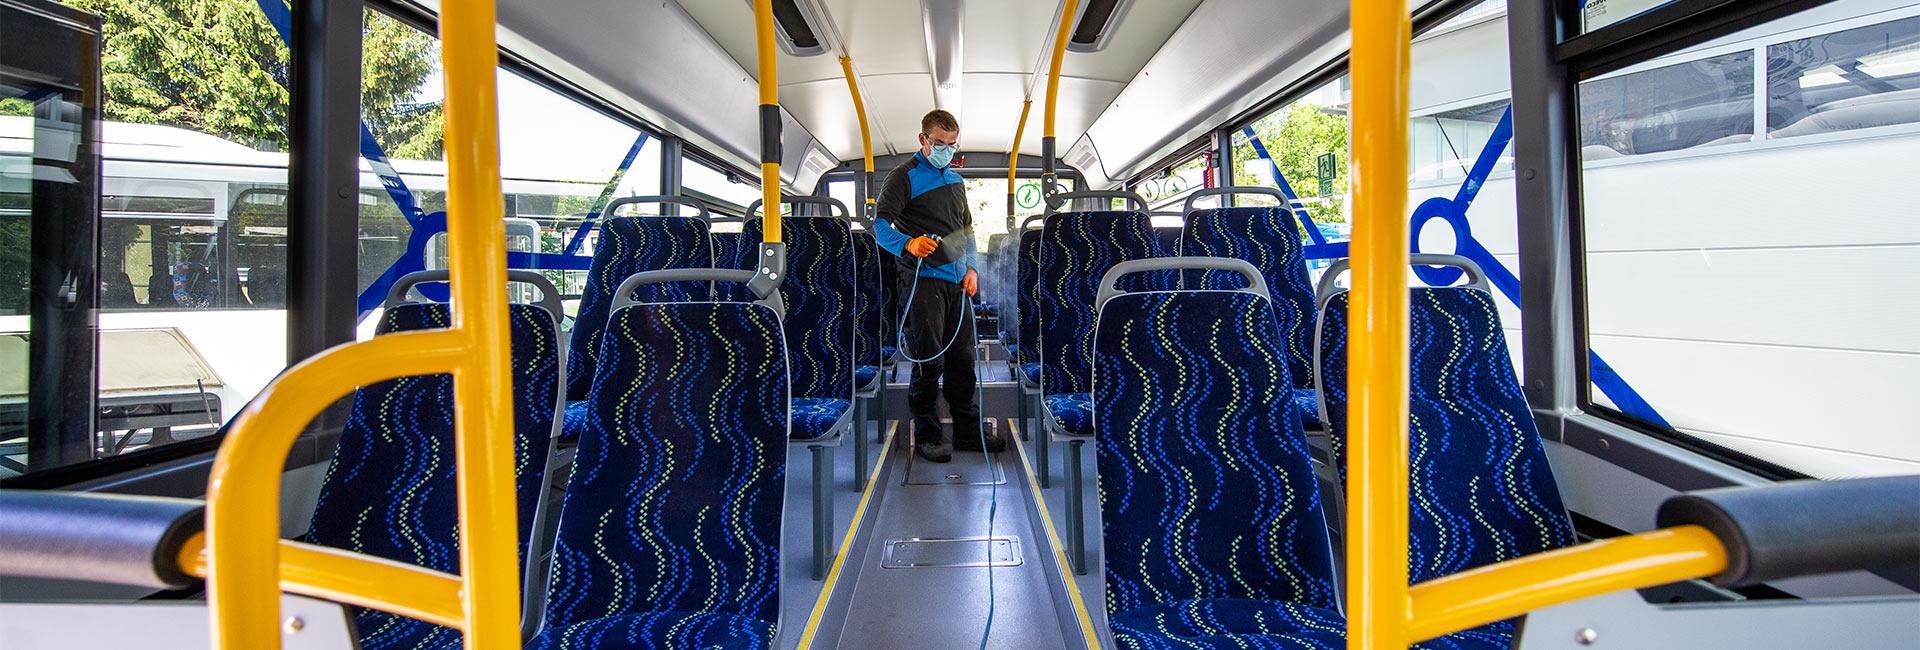 schneider_desinfektion_bus_001